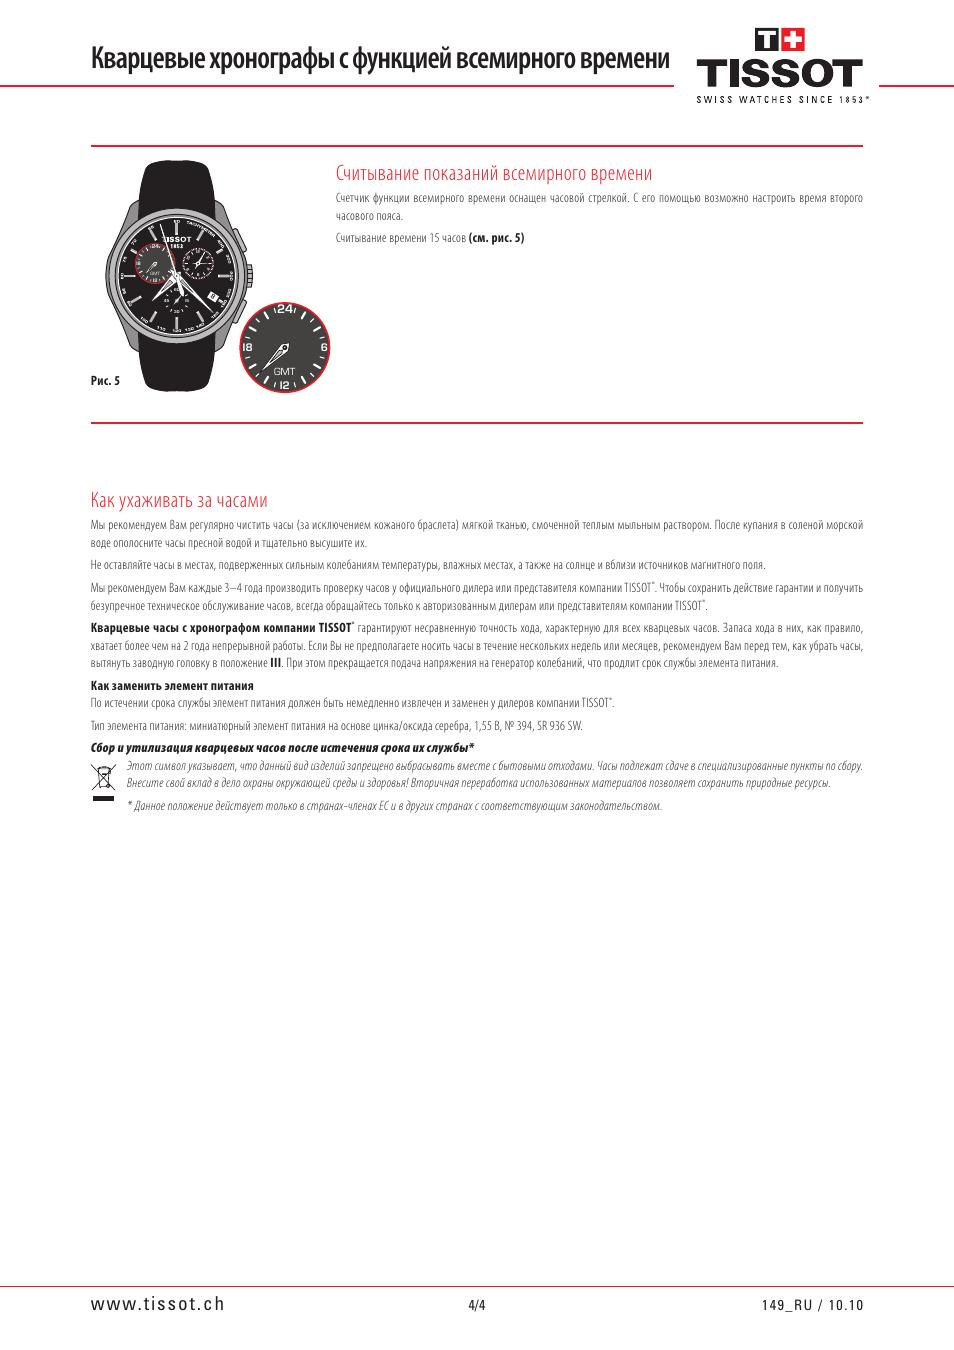 Поздравляем вас с приобретением часов tissot®, одной из самых известных.